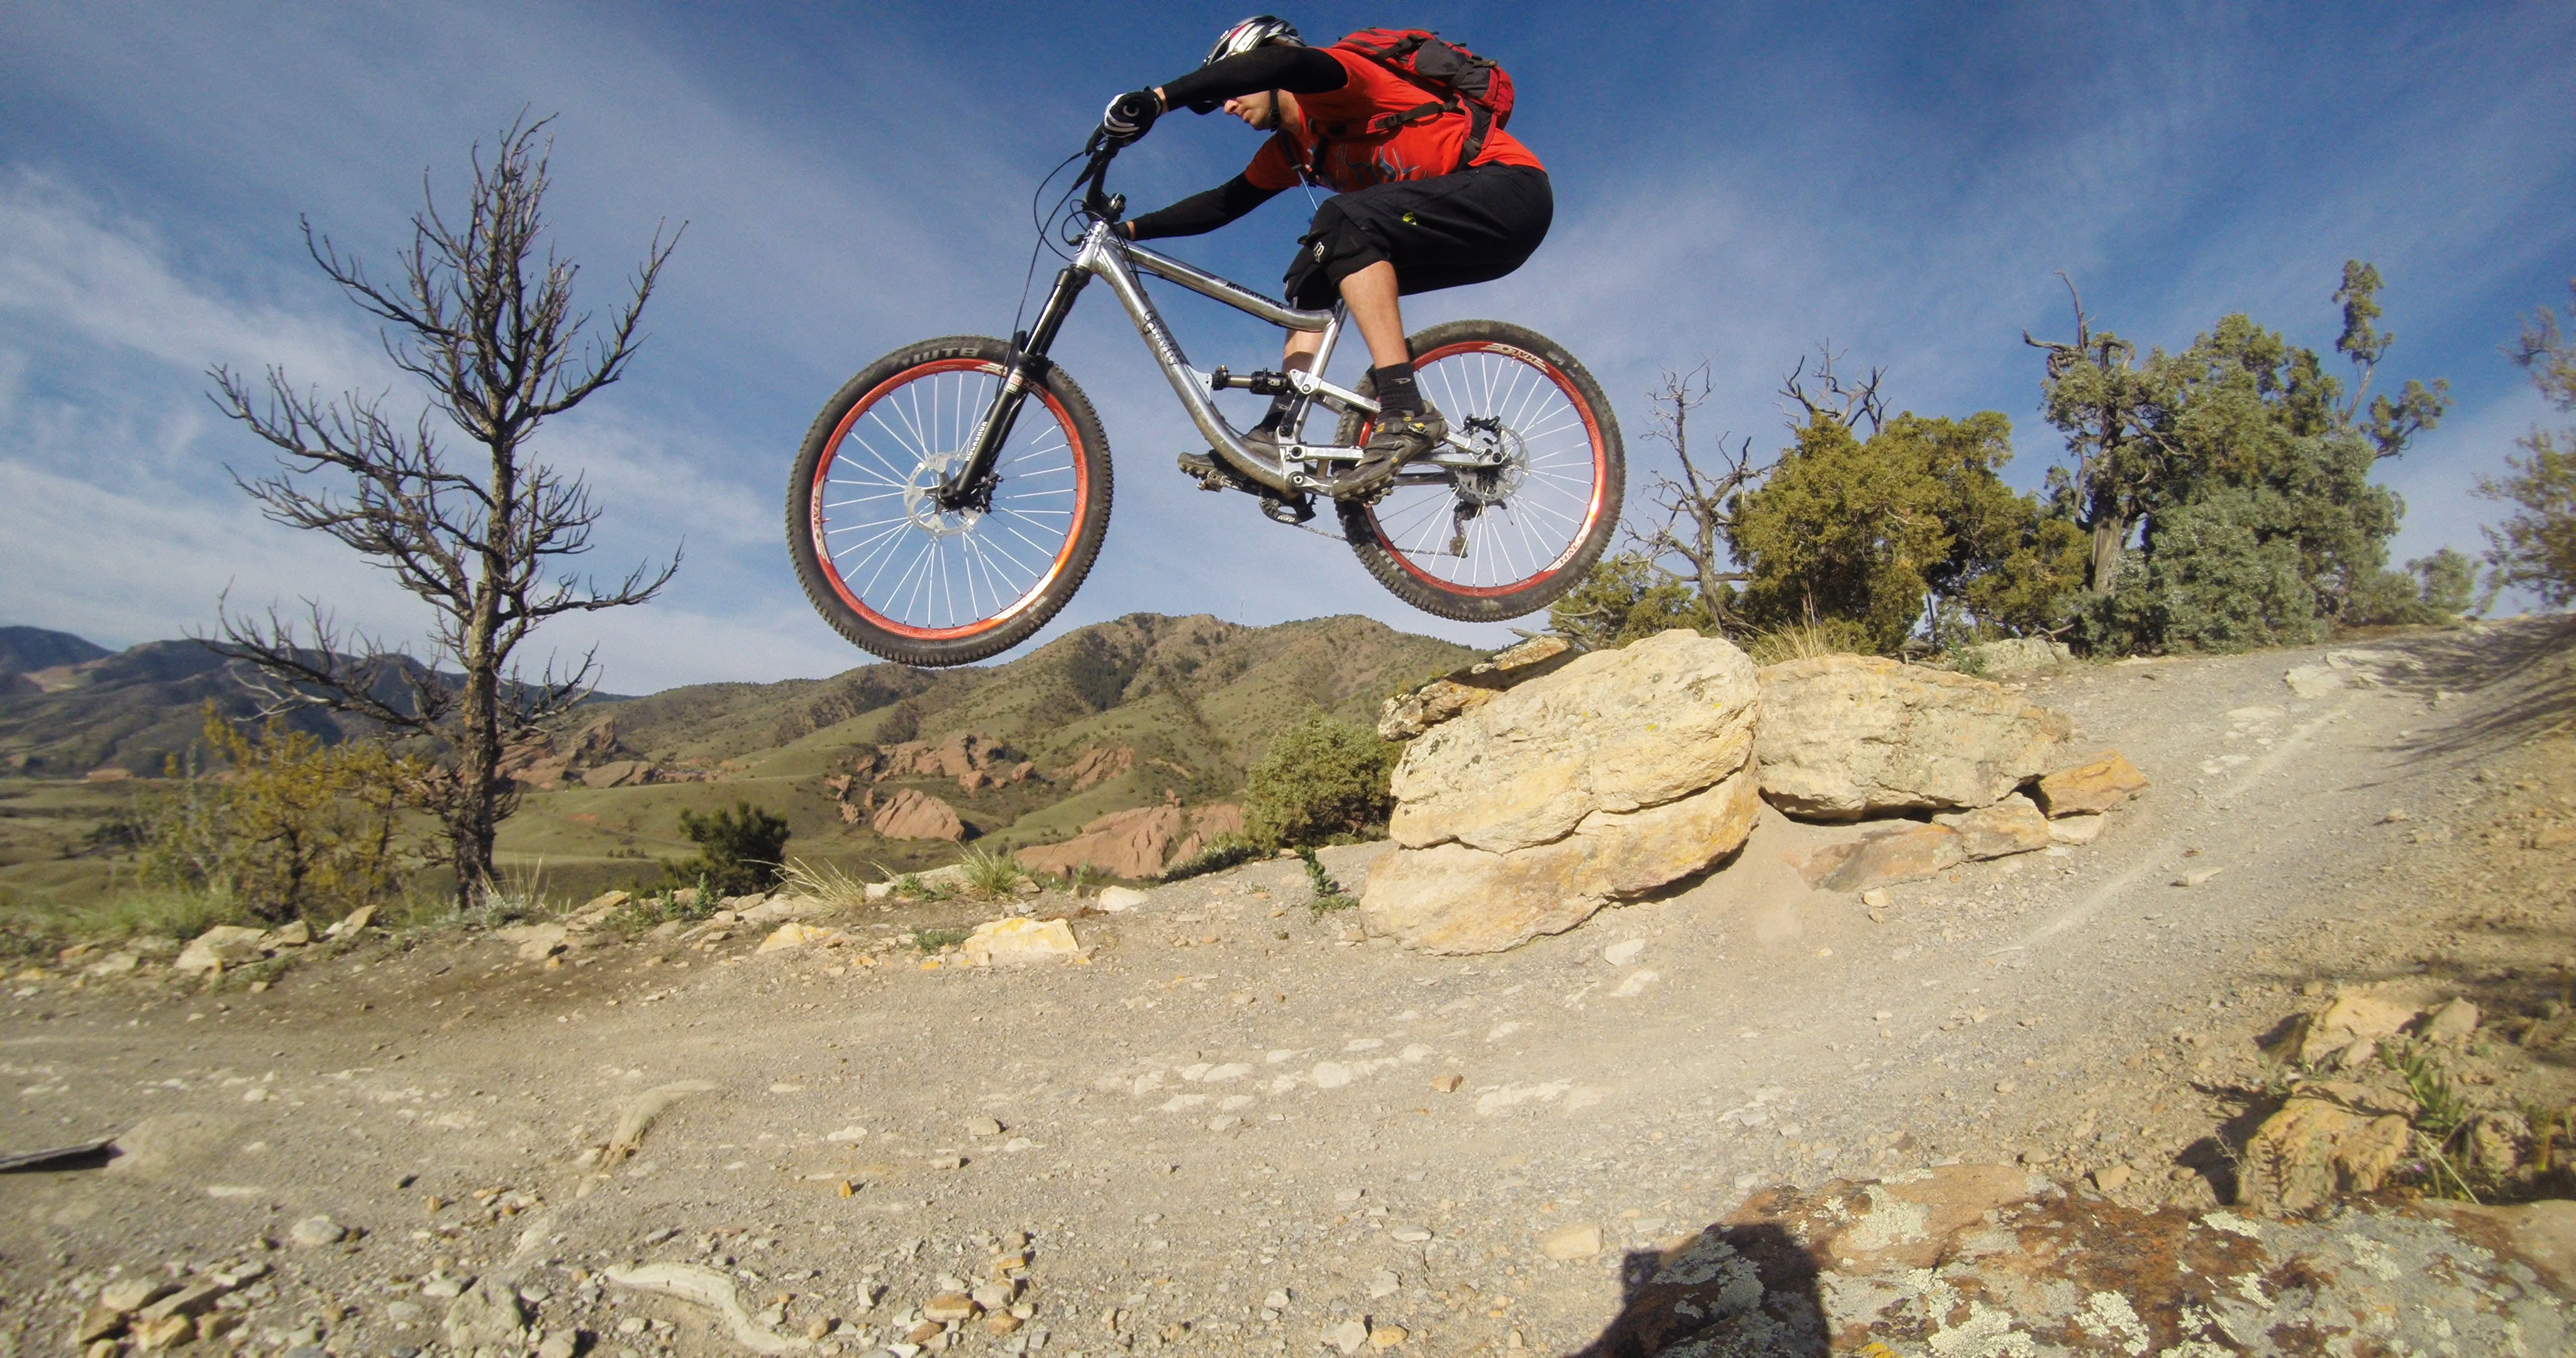 jkldouglas tests this bike on Dakota Ridge